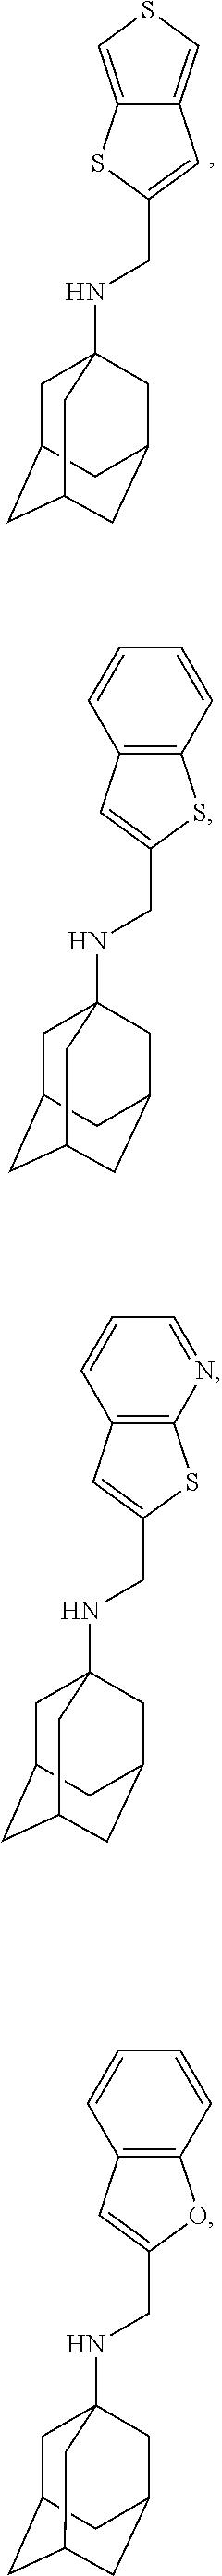 Figure US09884832-20180206-C00024